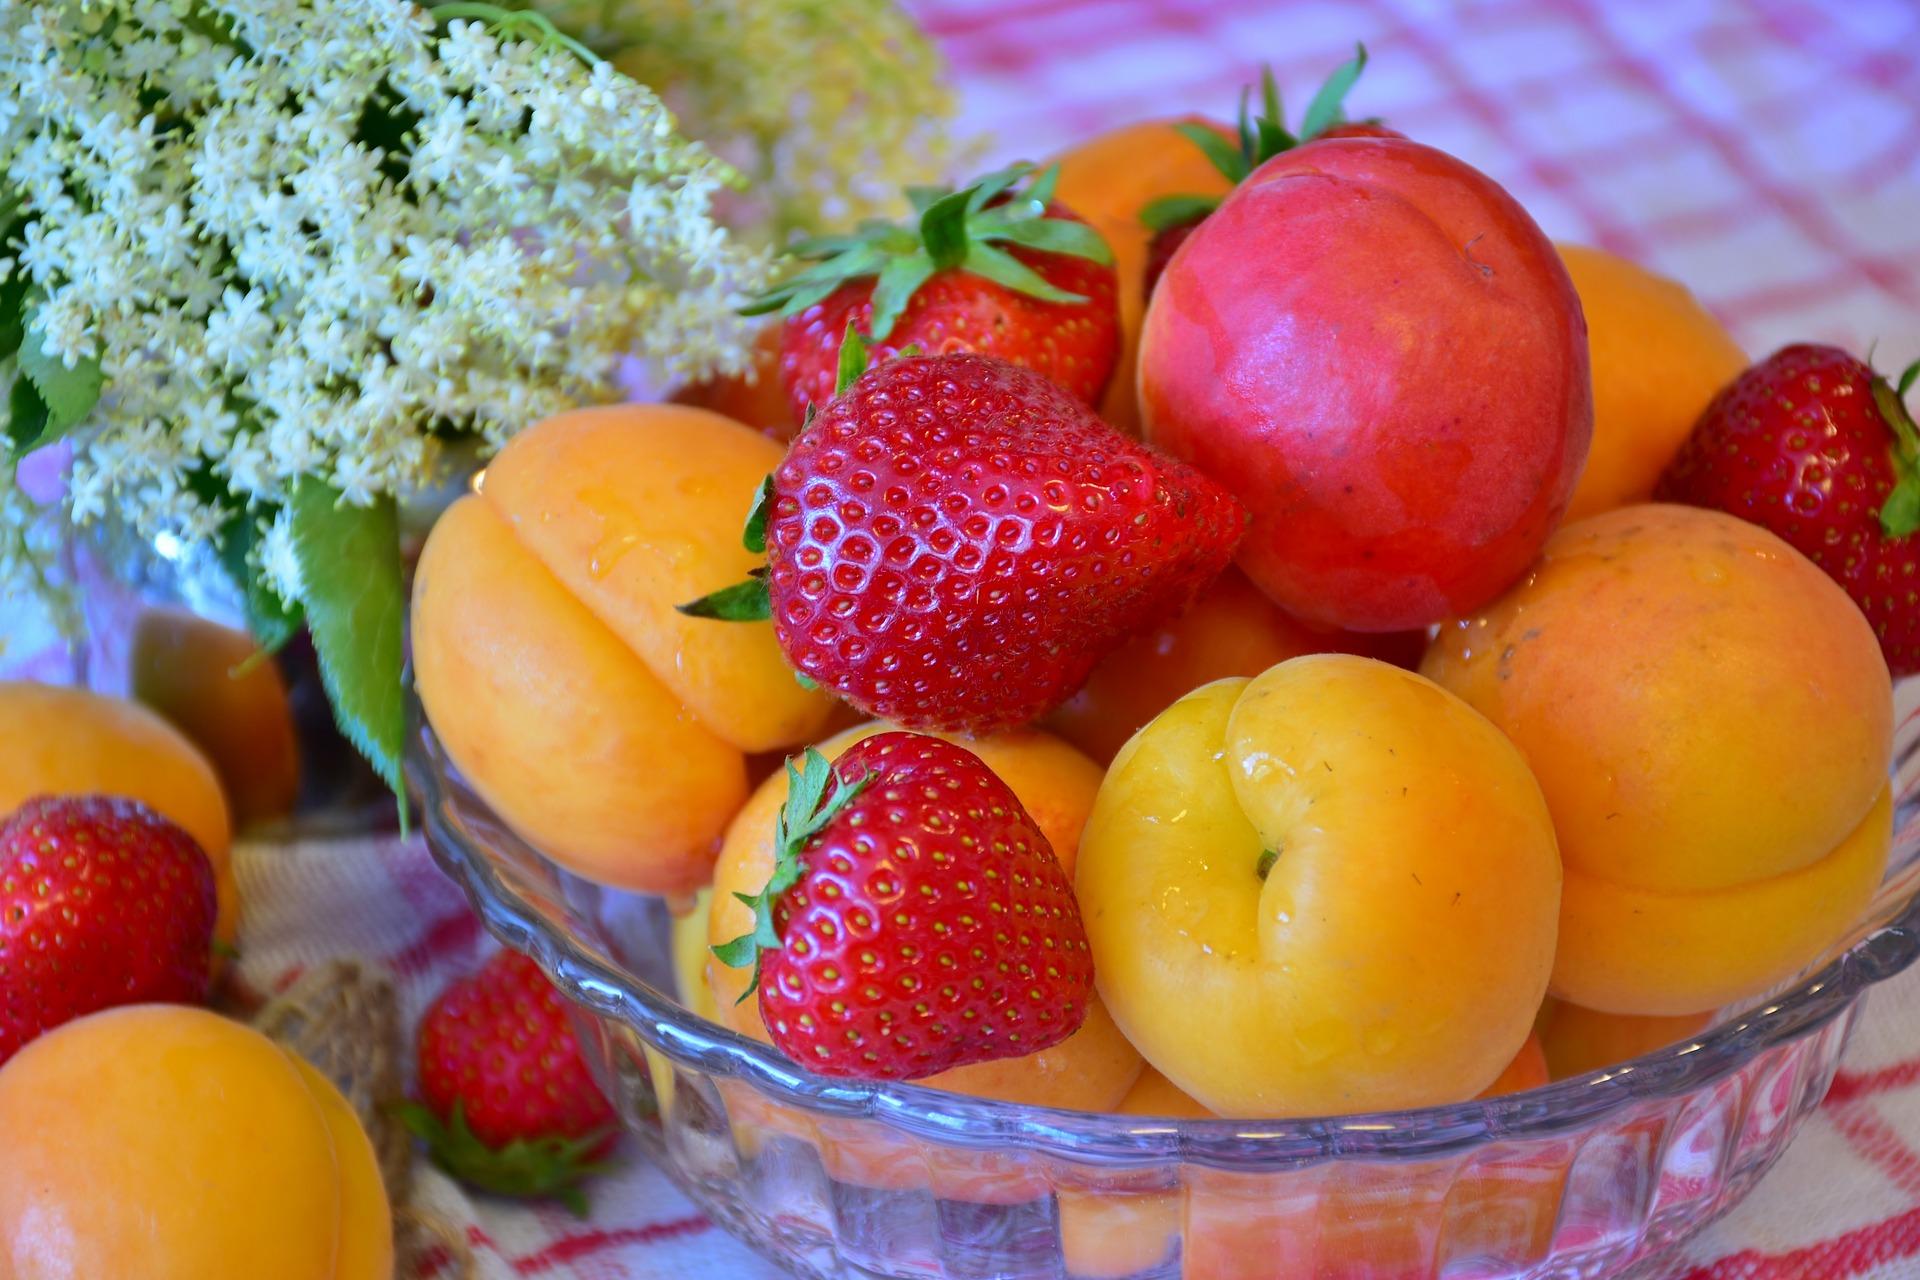 fruit-3436848_1920.jpg